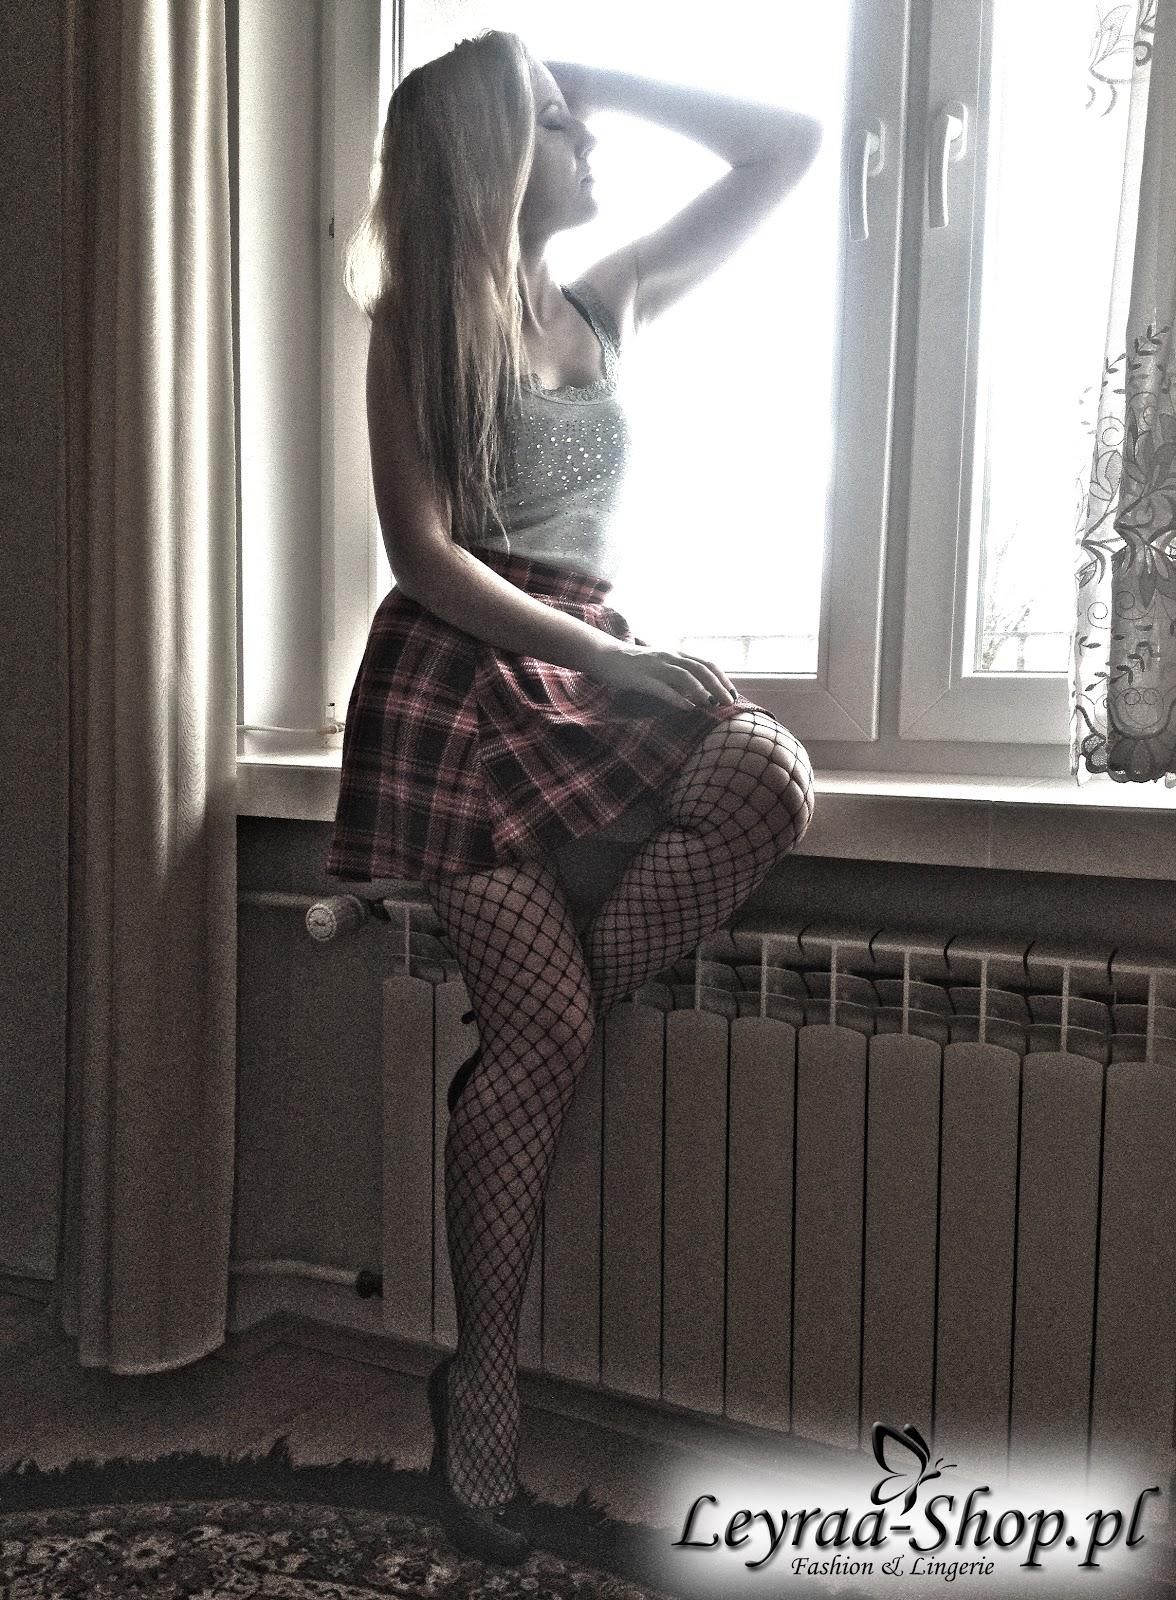 Rajstopy kabaretki z sklepu Leyraa-Shop.pl, szara bokserka z dżetami, spódnica w czerwoną kratkę rozkloszowana, czarne szpilki